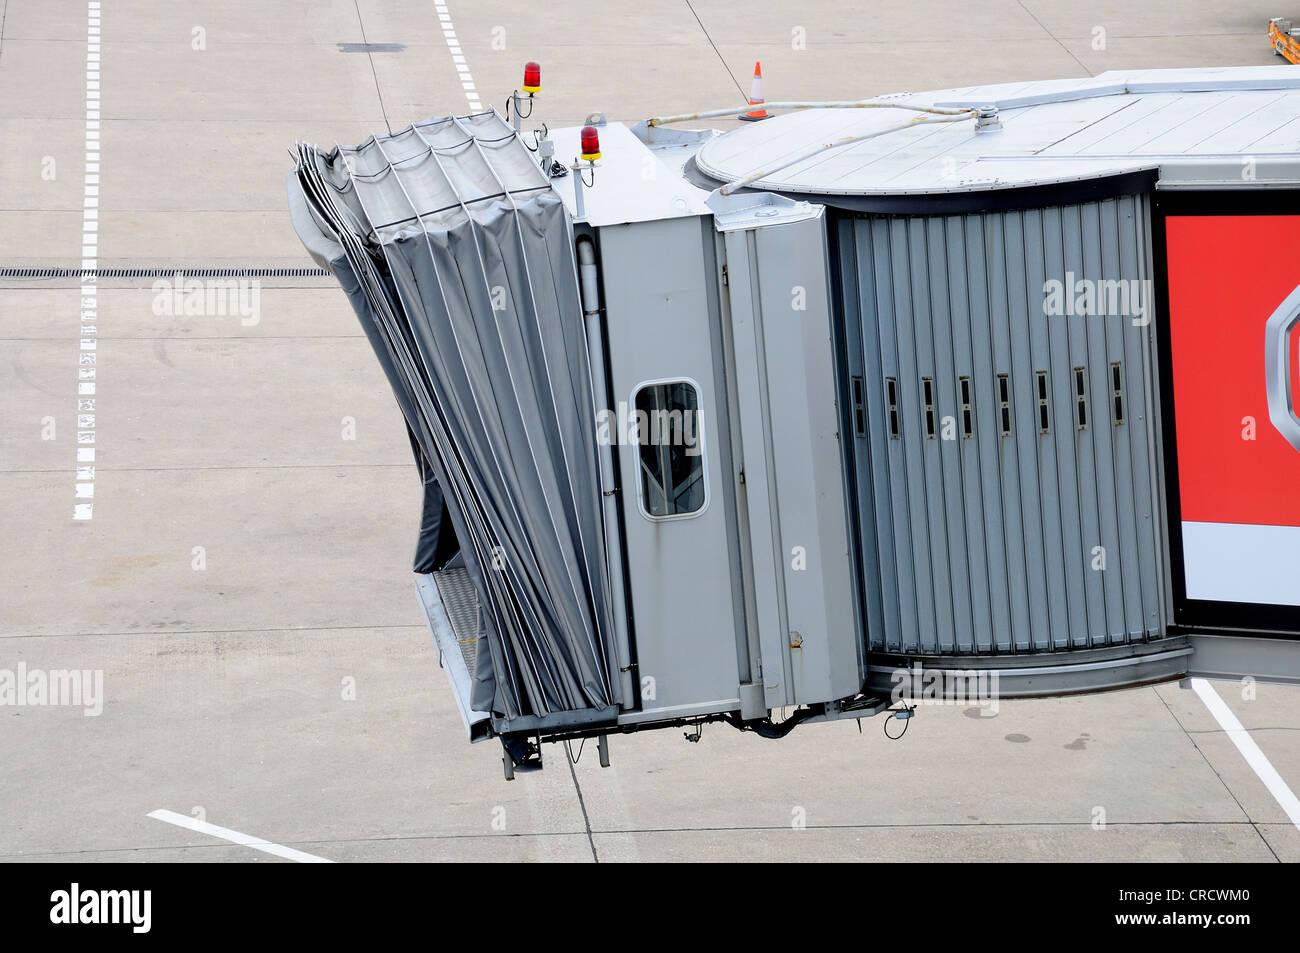 Air bridge, Birmingham Airport, West Midlands, England, UK, Western Europe.